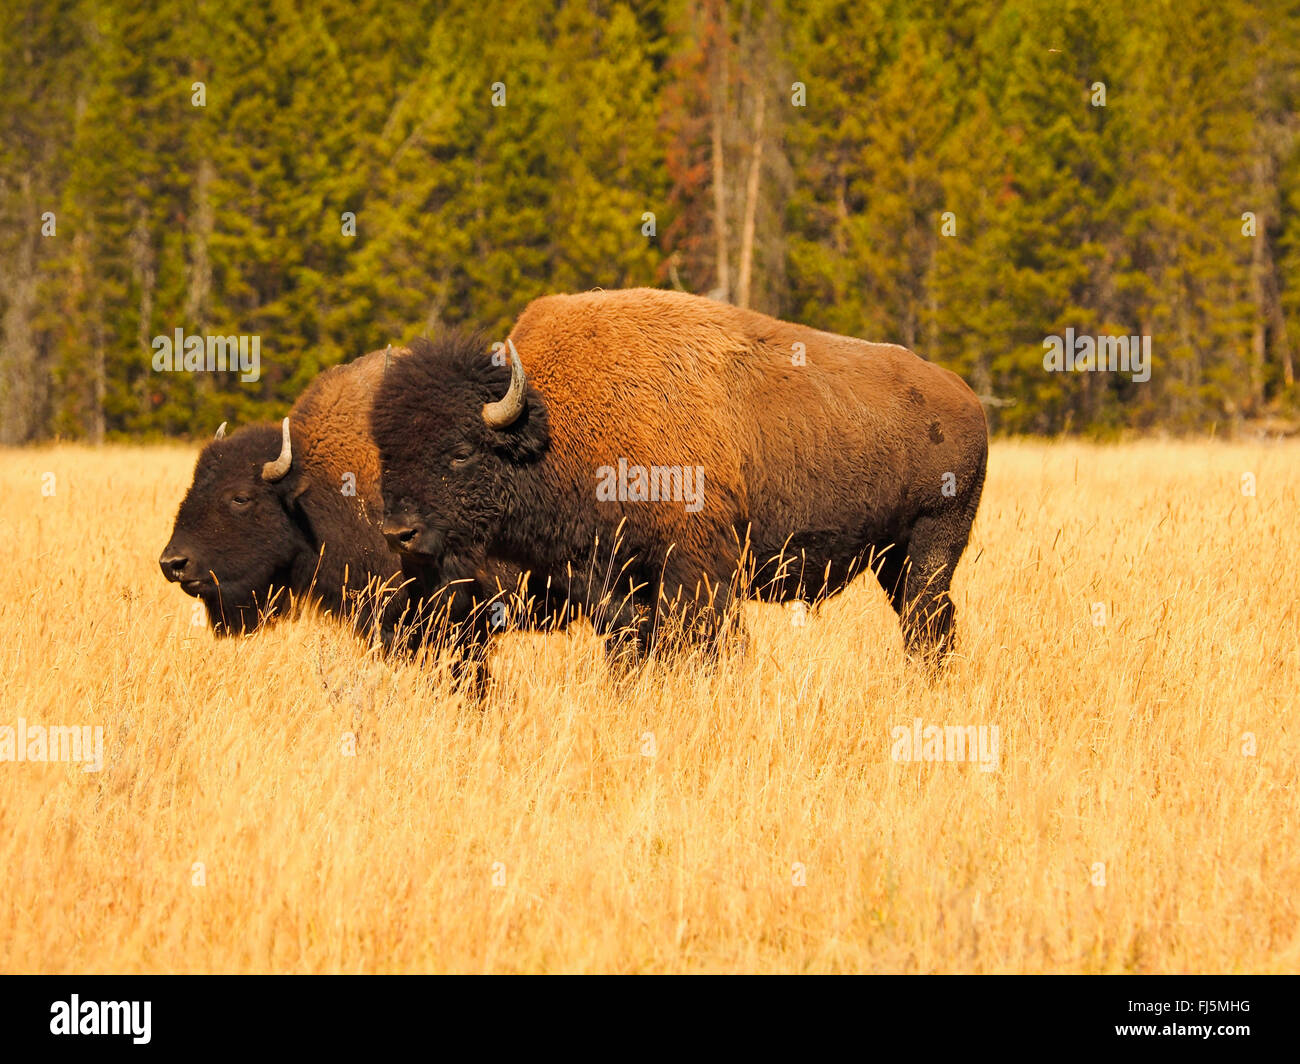 Amerikanischer Bison, Büffel (Bison Bison), Bull und weiblich im  Paarungsverhalten Saison, USA, Wyoming, Yellowstone-Nationalpark 820c18c839